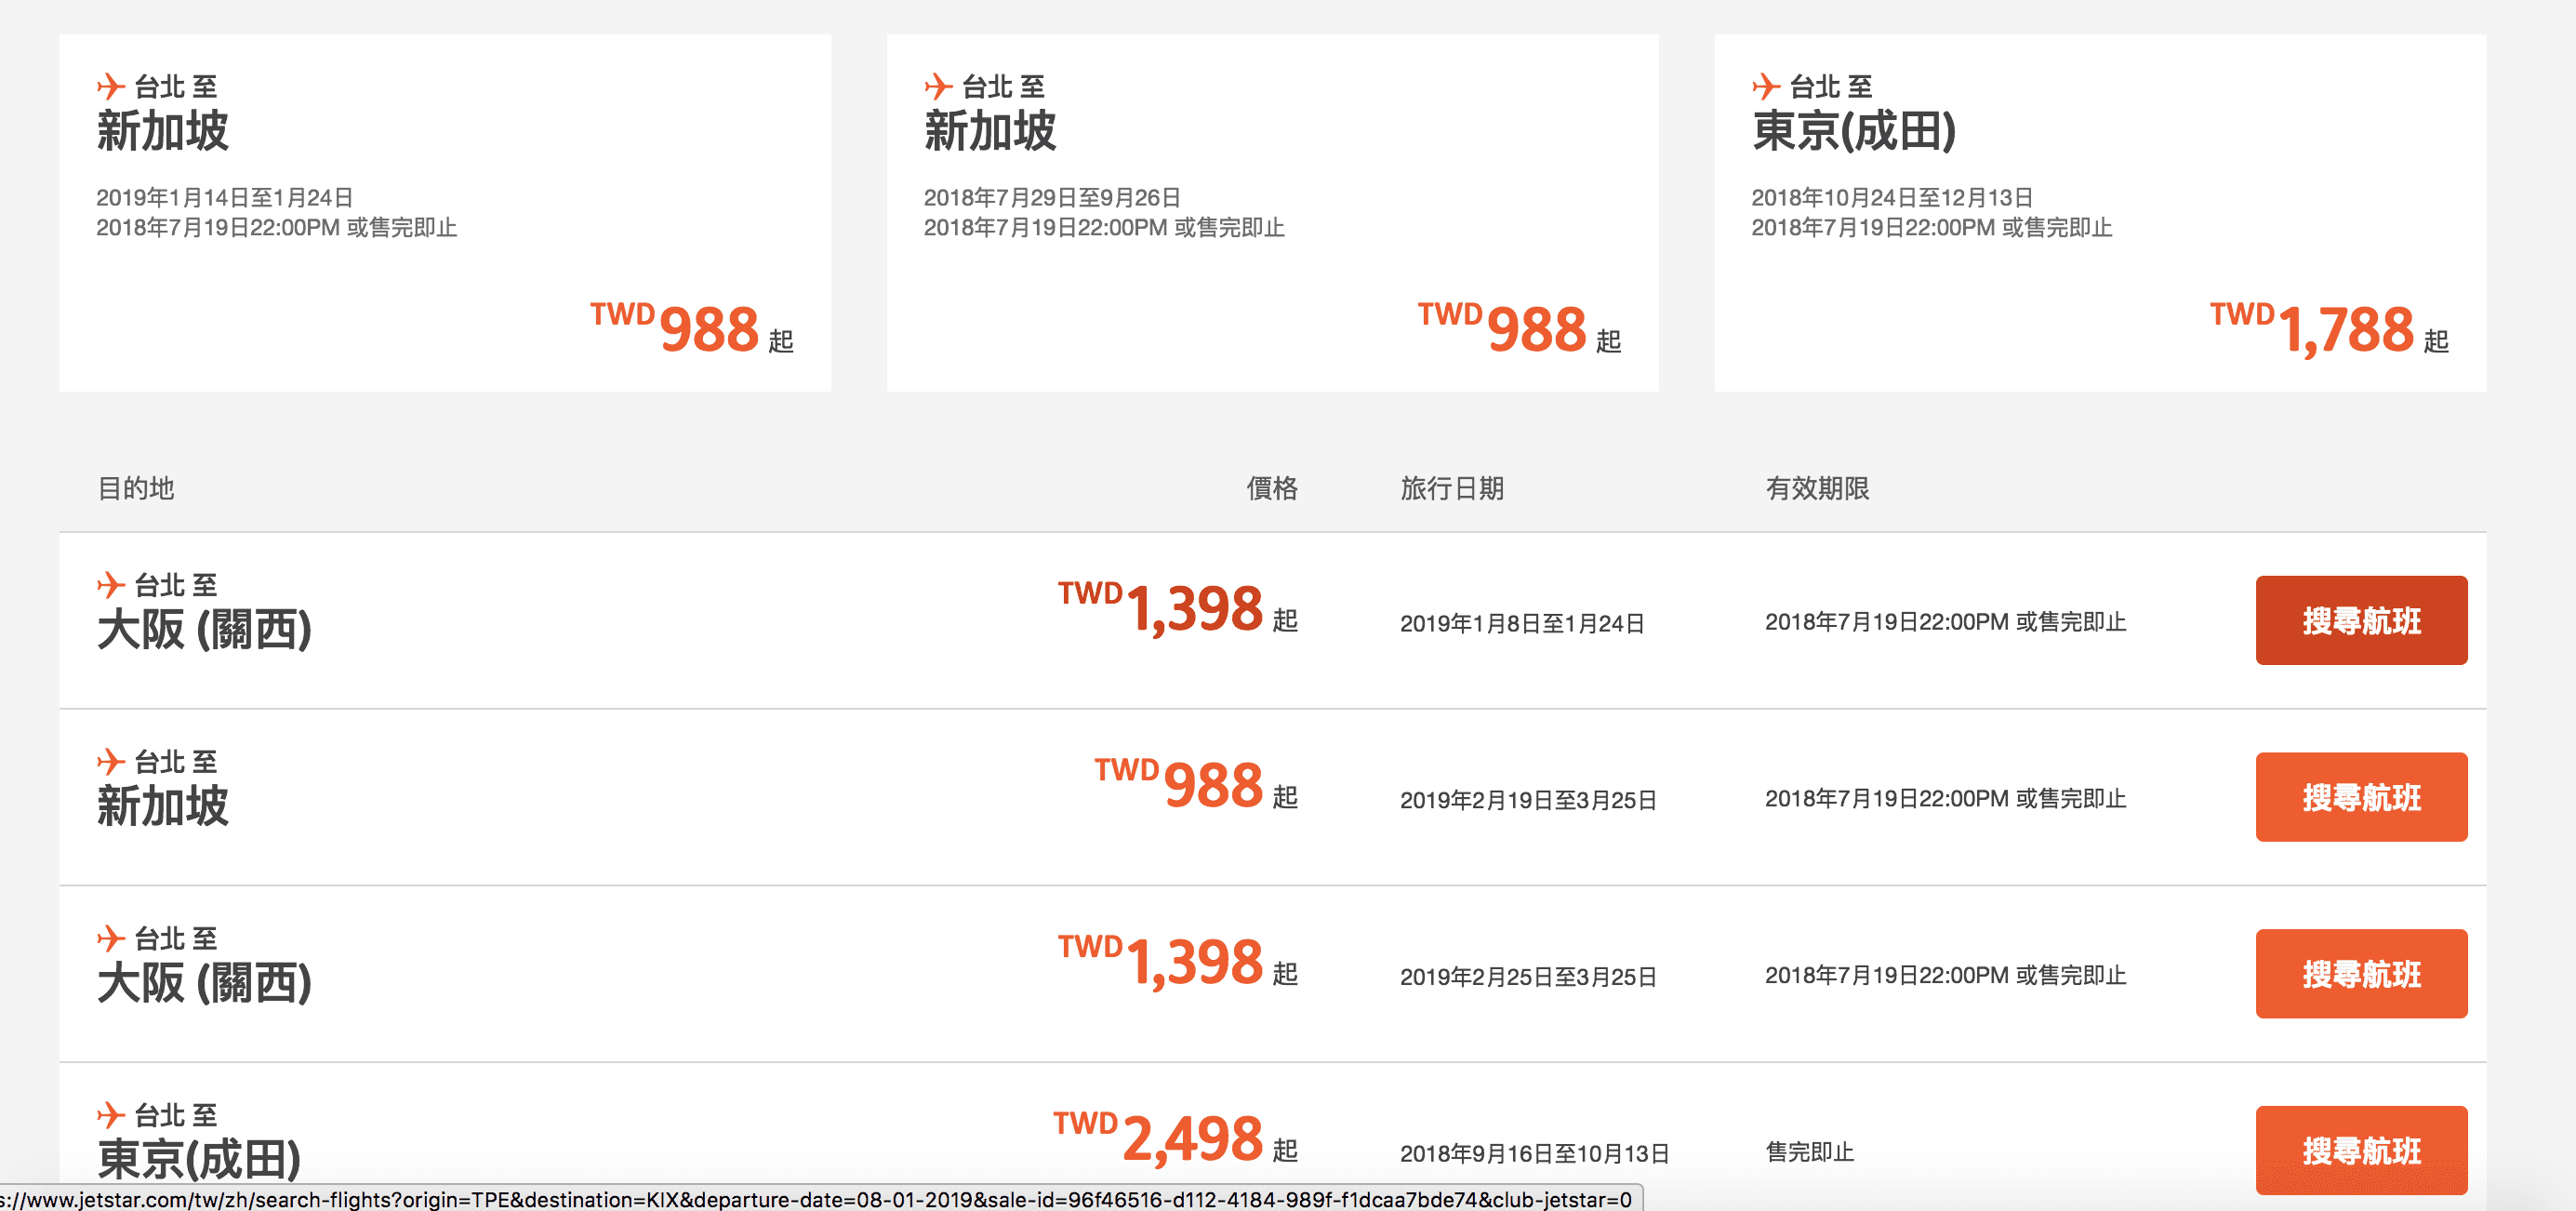 網站近期文章:捷星特價喔!可以買到賞楓、冬季以及2/25之後到3/25之前的票價~最低來回4.5K~(查票:107.7.17)